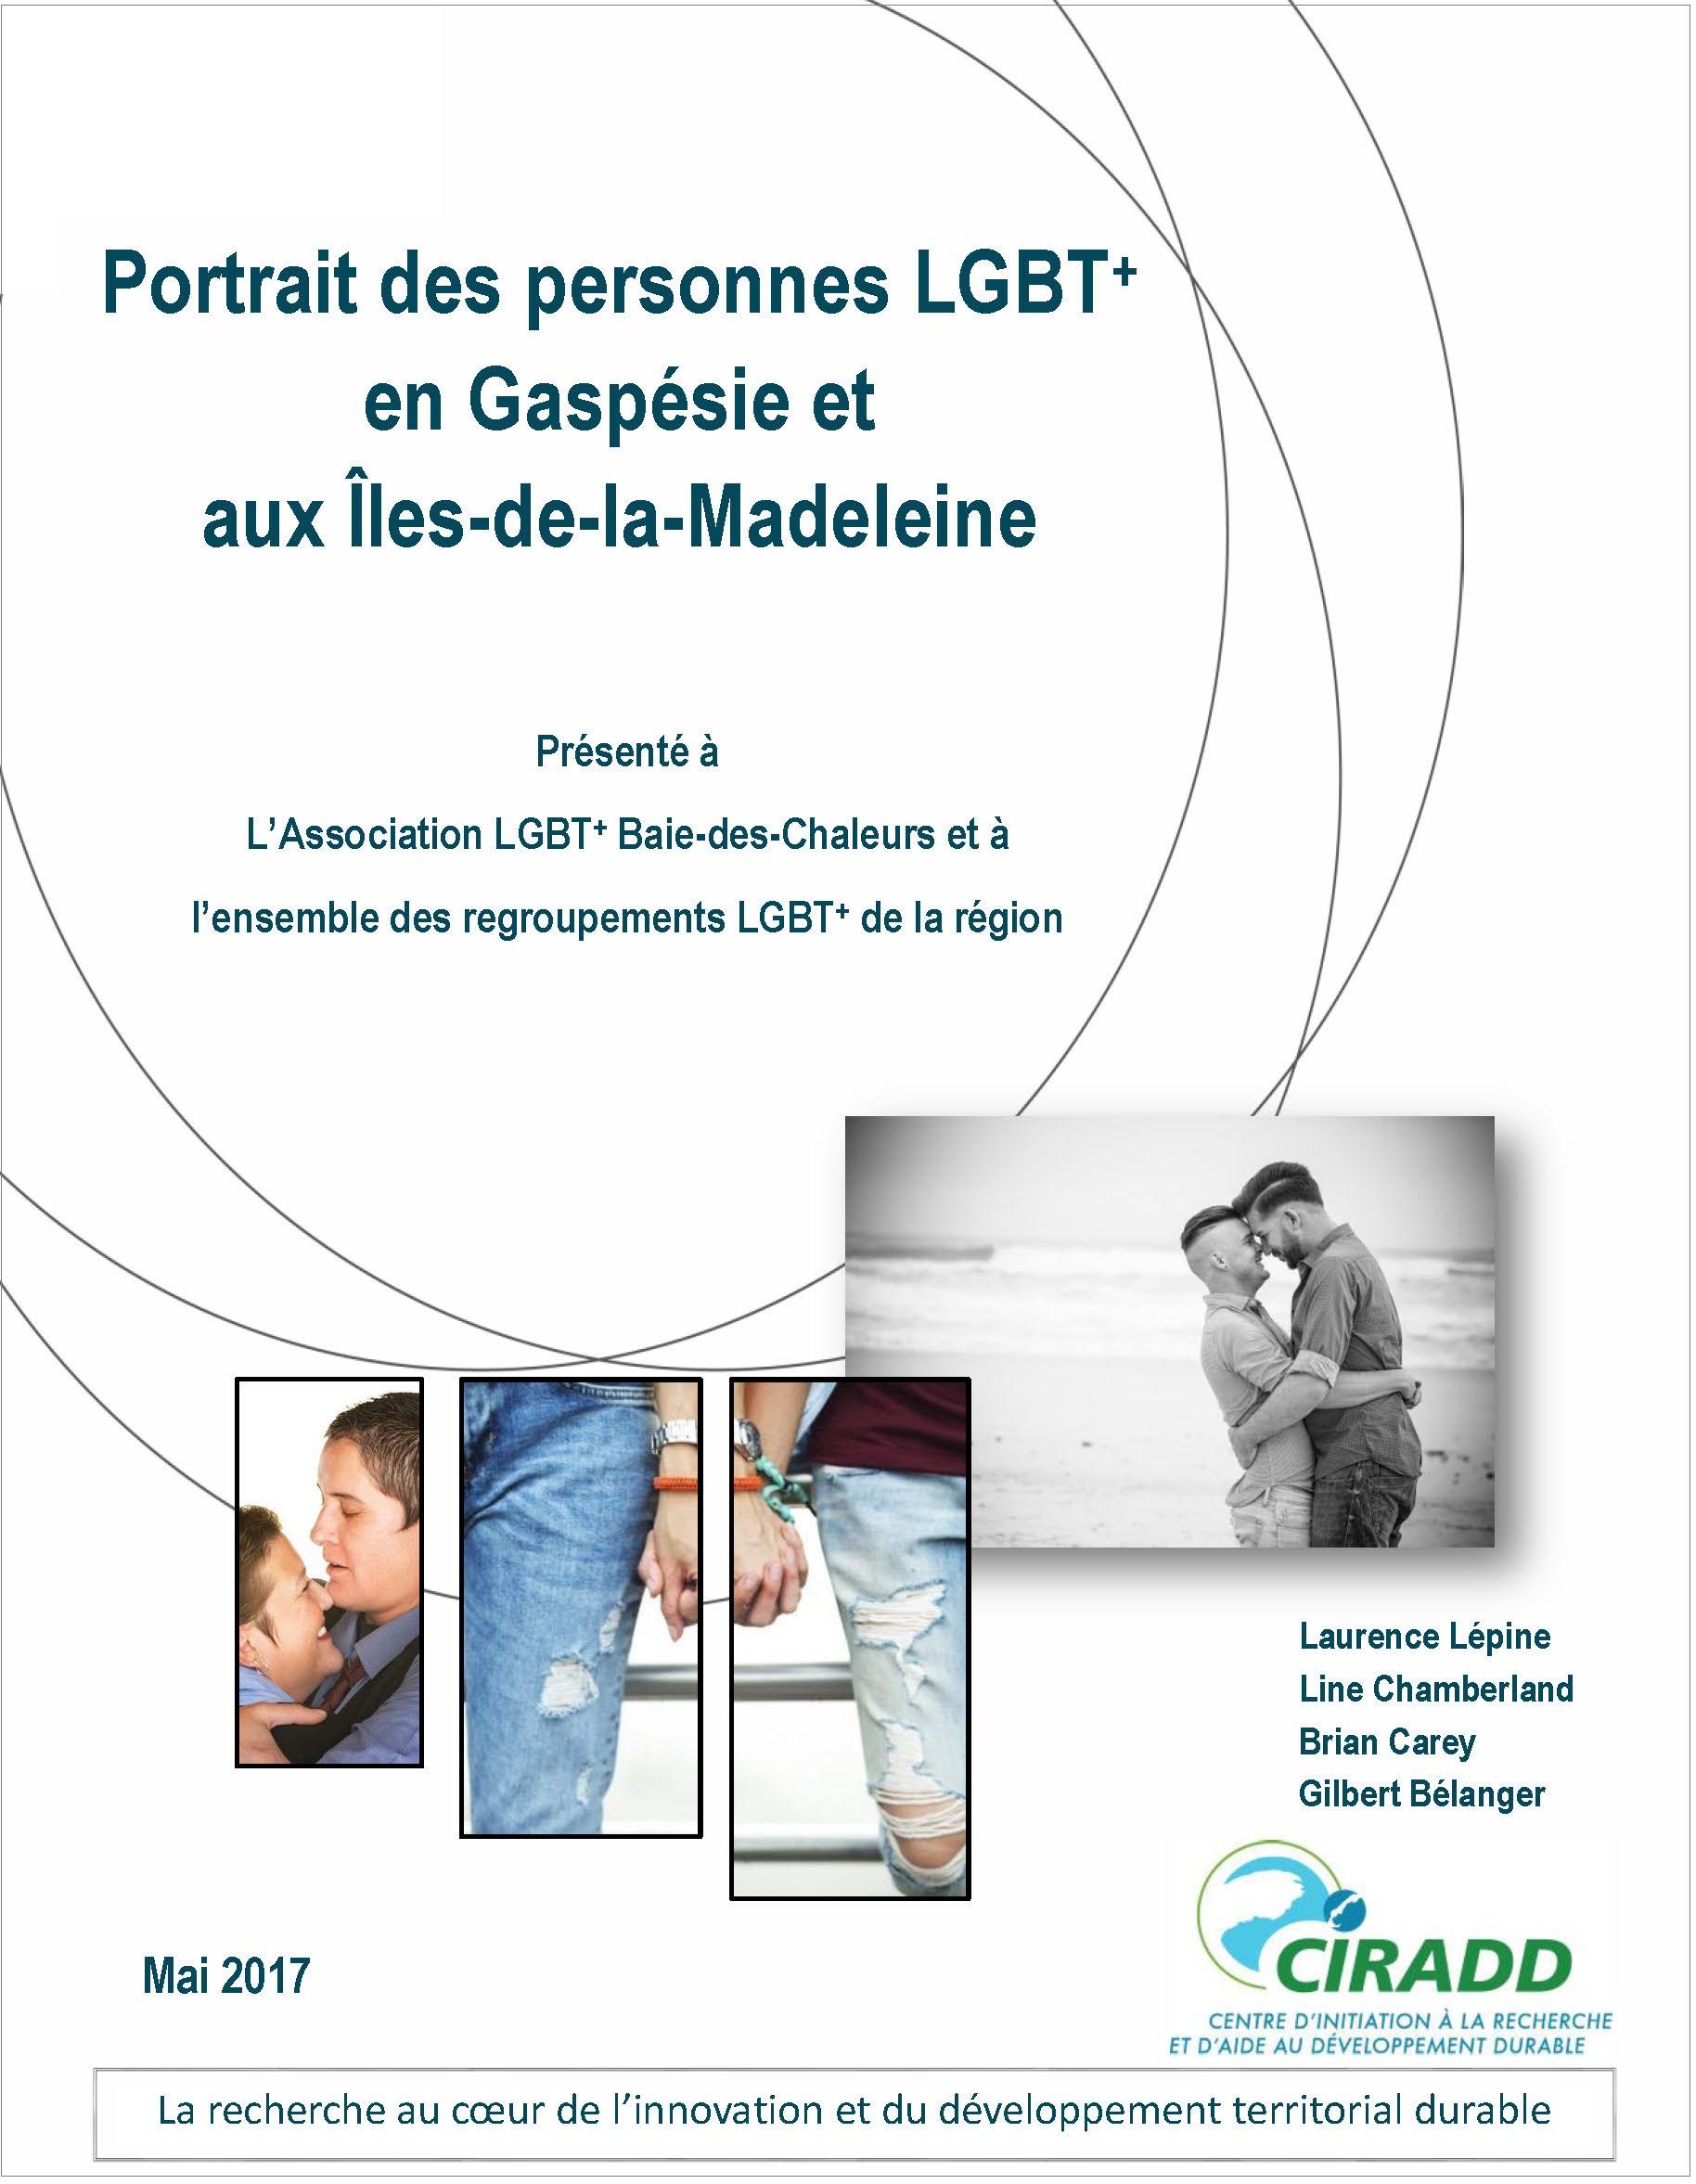 PortraitGaspésieRPSN 2014035 LGBT FIS 2 Page 01